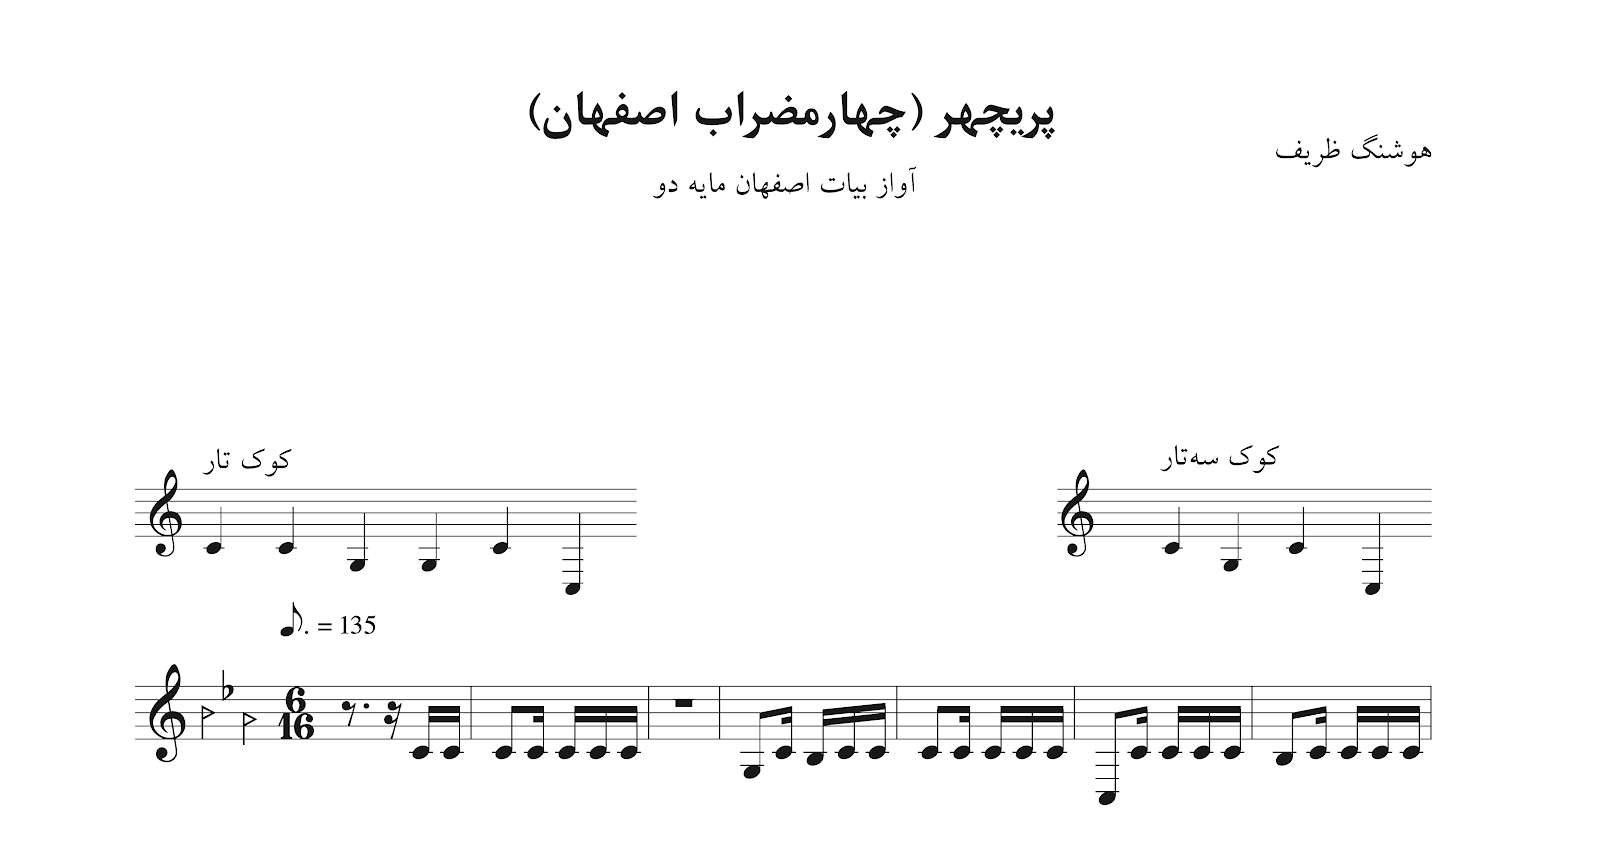 نت پریچهر چهارمضراب اصفهان دو هوشنگ ظریف